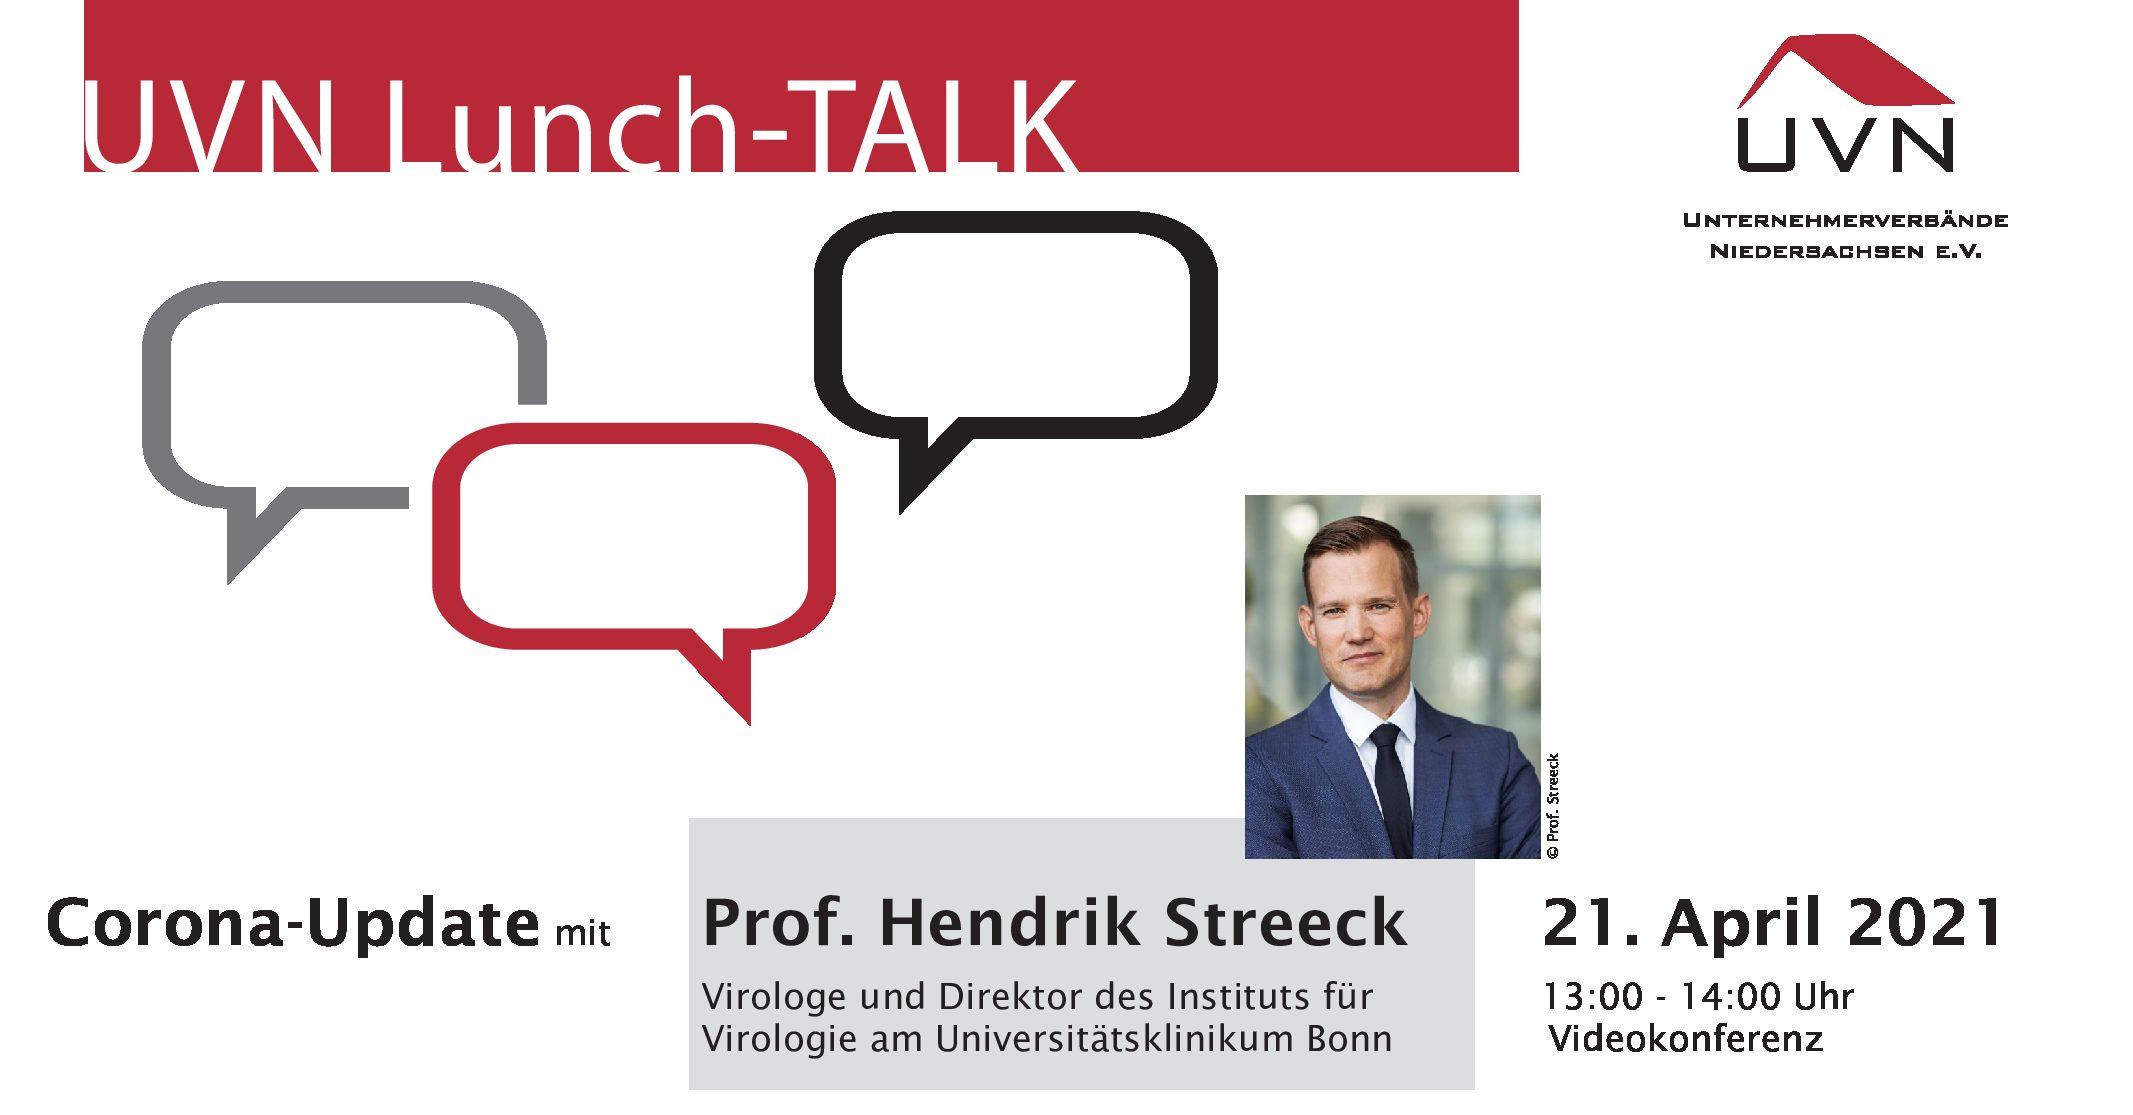 UVN Lunch-Talk mit Prof. Dr. Hendrik Streeck, Virologe und Direktor des Instituts für Virologie am Universitätsklinikum in Bonn